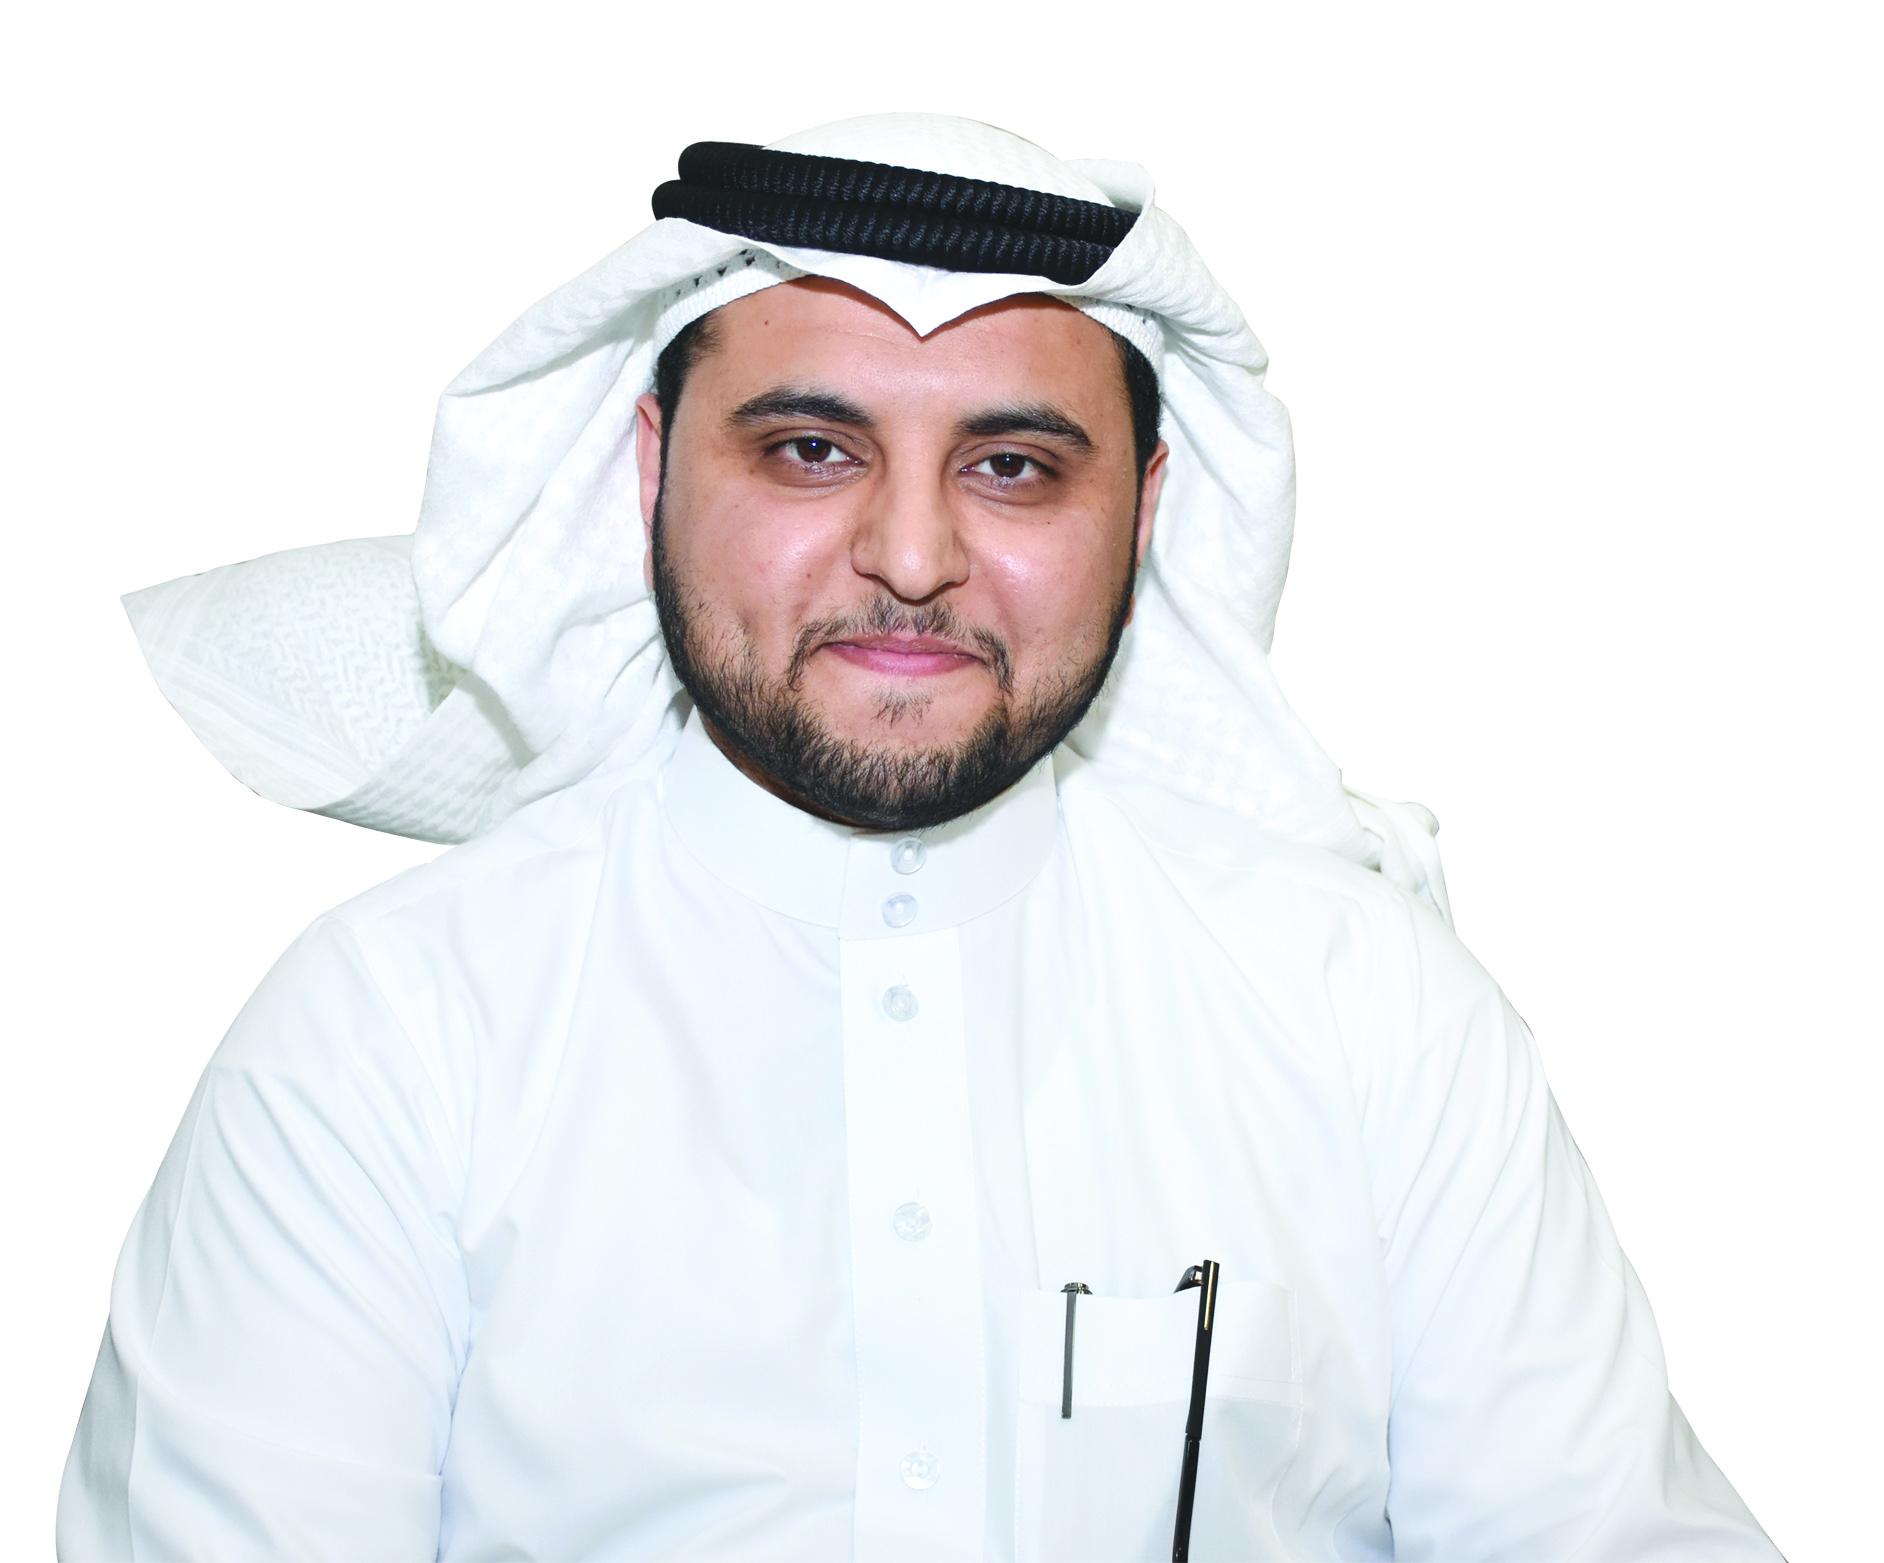 مشاري بن عبدالمحسن الجبر رئيس المجلس 1